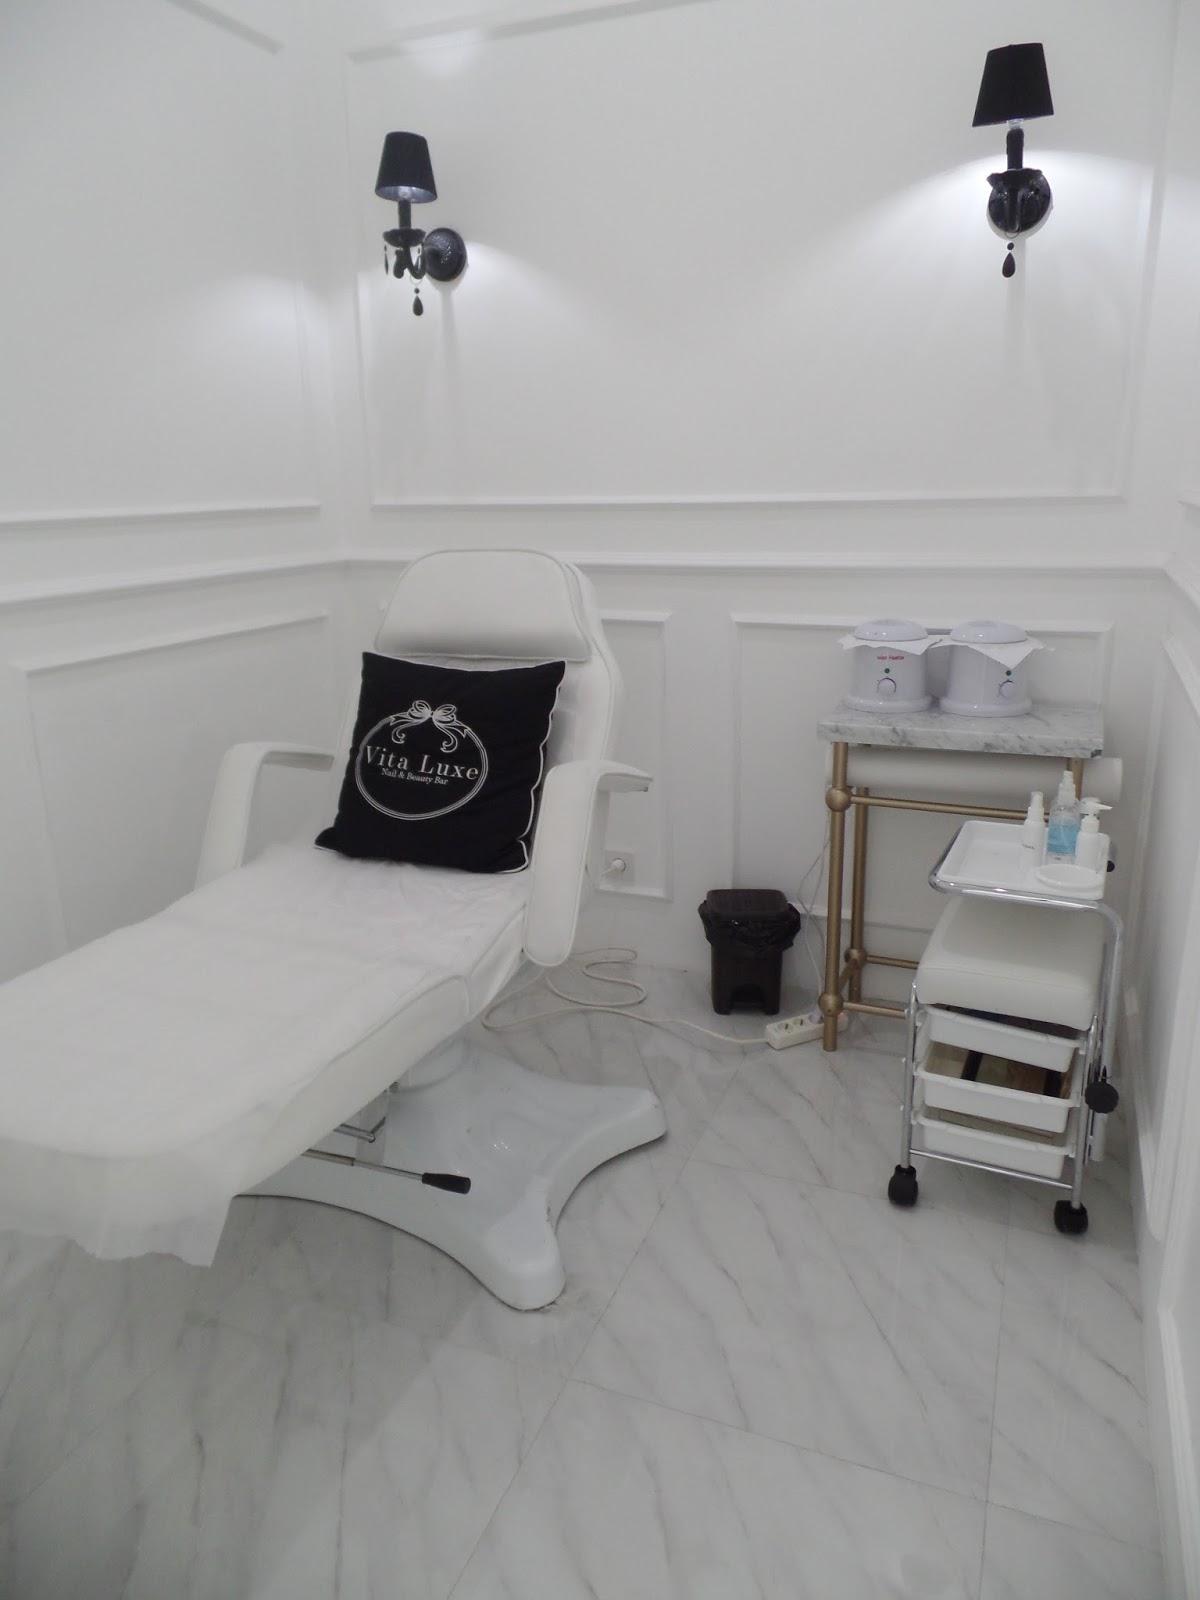 Not So Stiletto: Vita Luxe Nail Salon & Beauty Bar